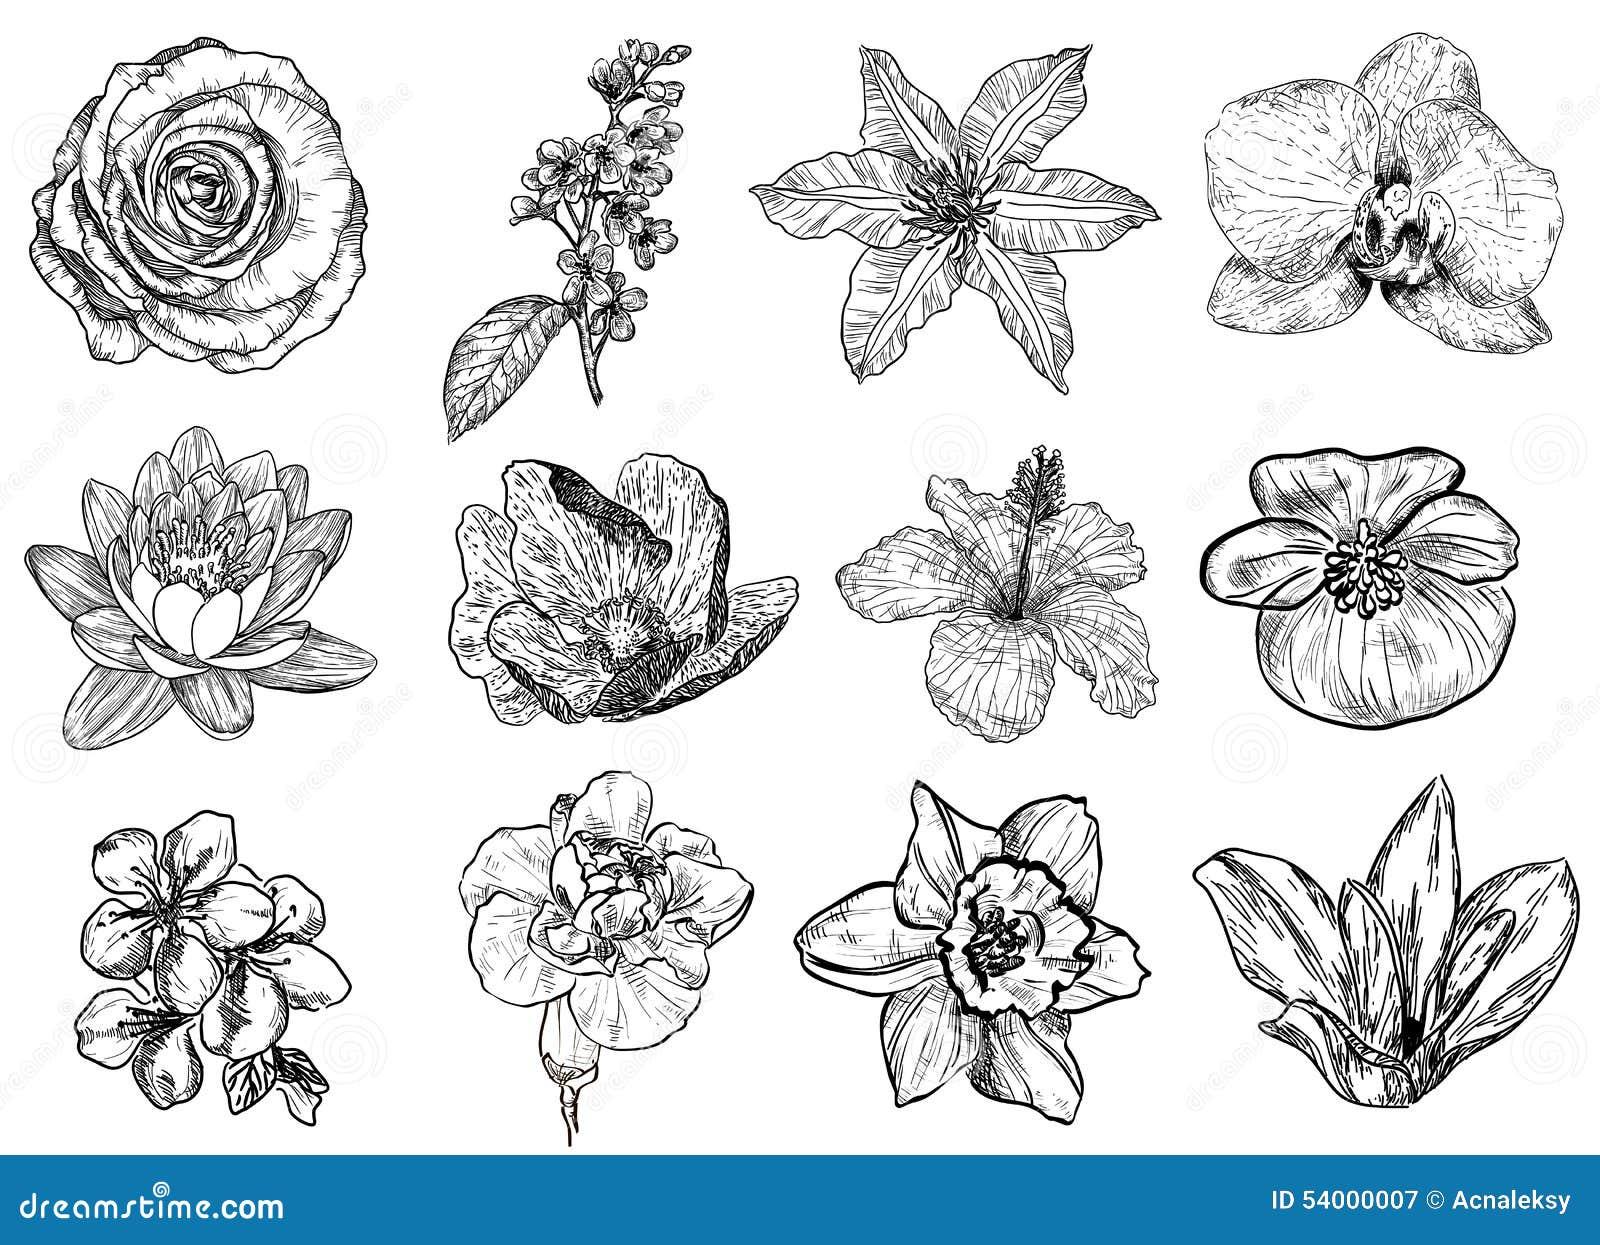 Vector Illustration Flowers Black White Stock Illustrations 33 151